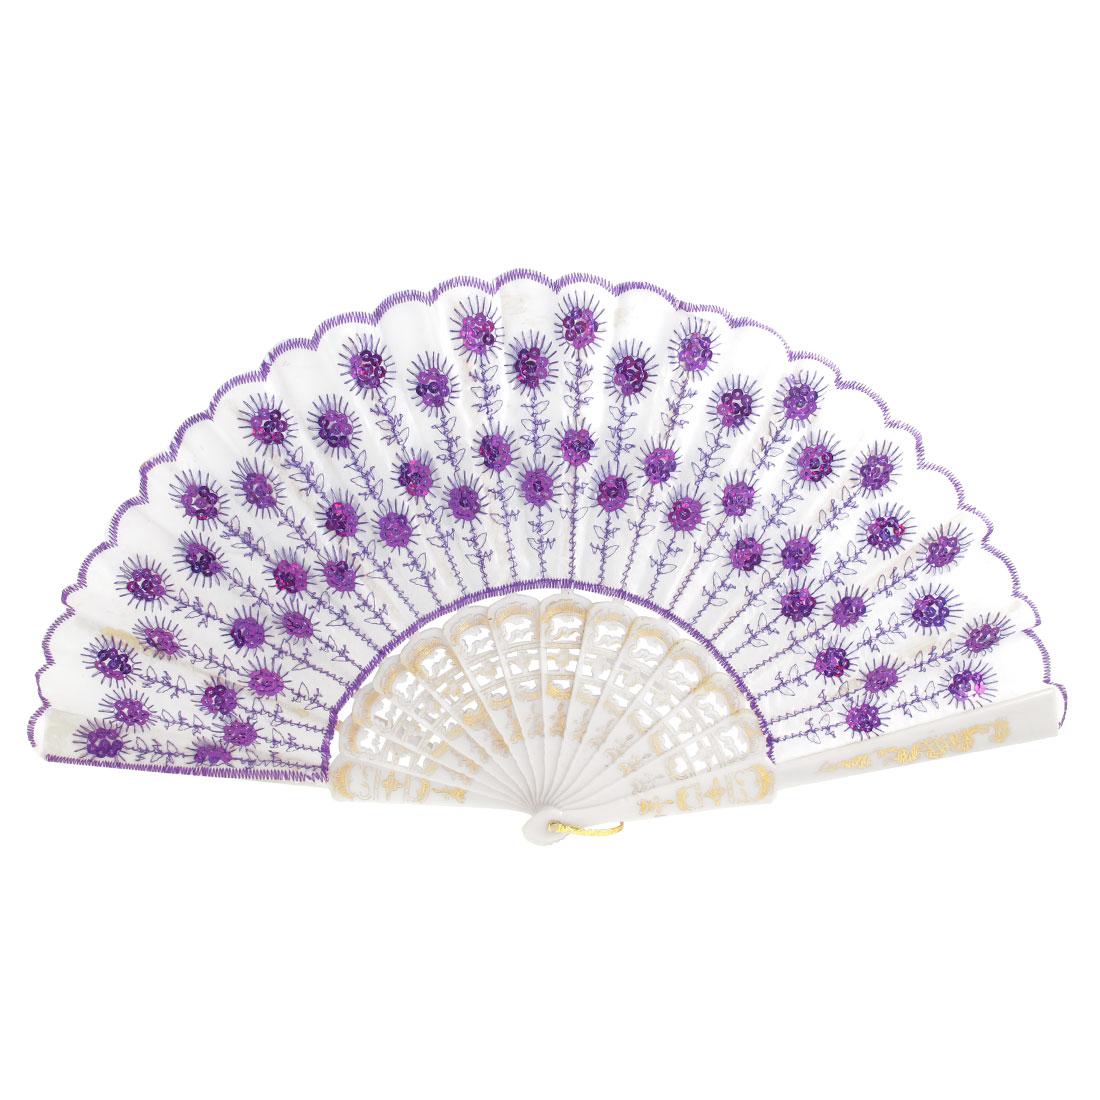 Woman Sequins Decor Floral Rim Summer Folding Hand Fan Purple White